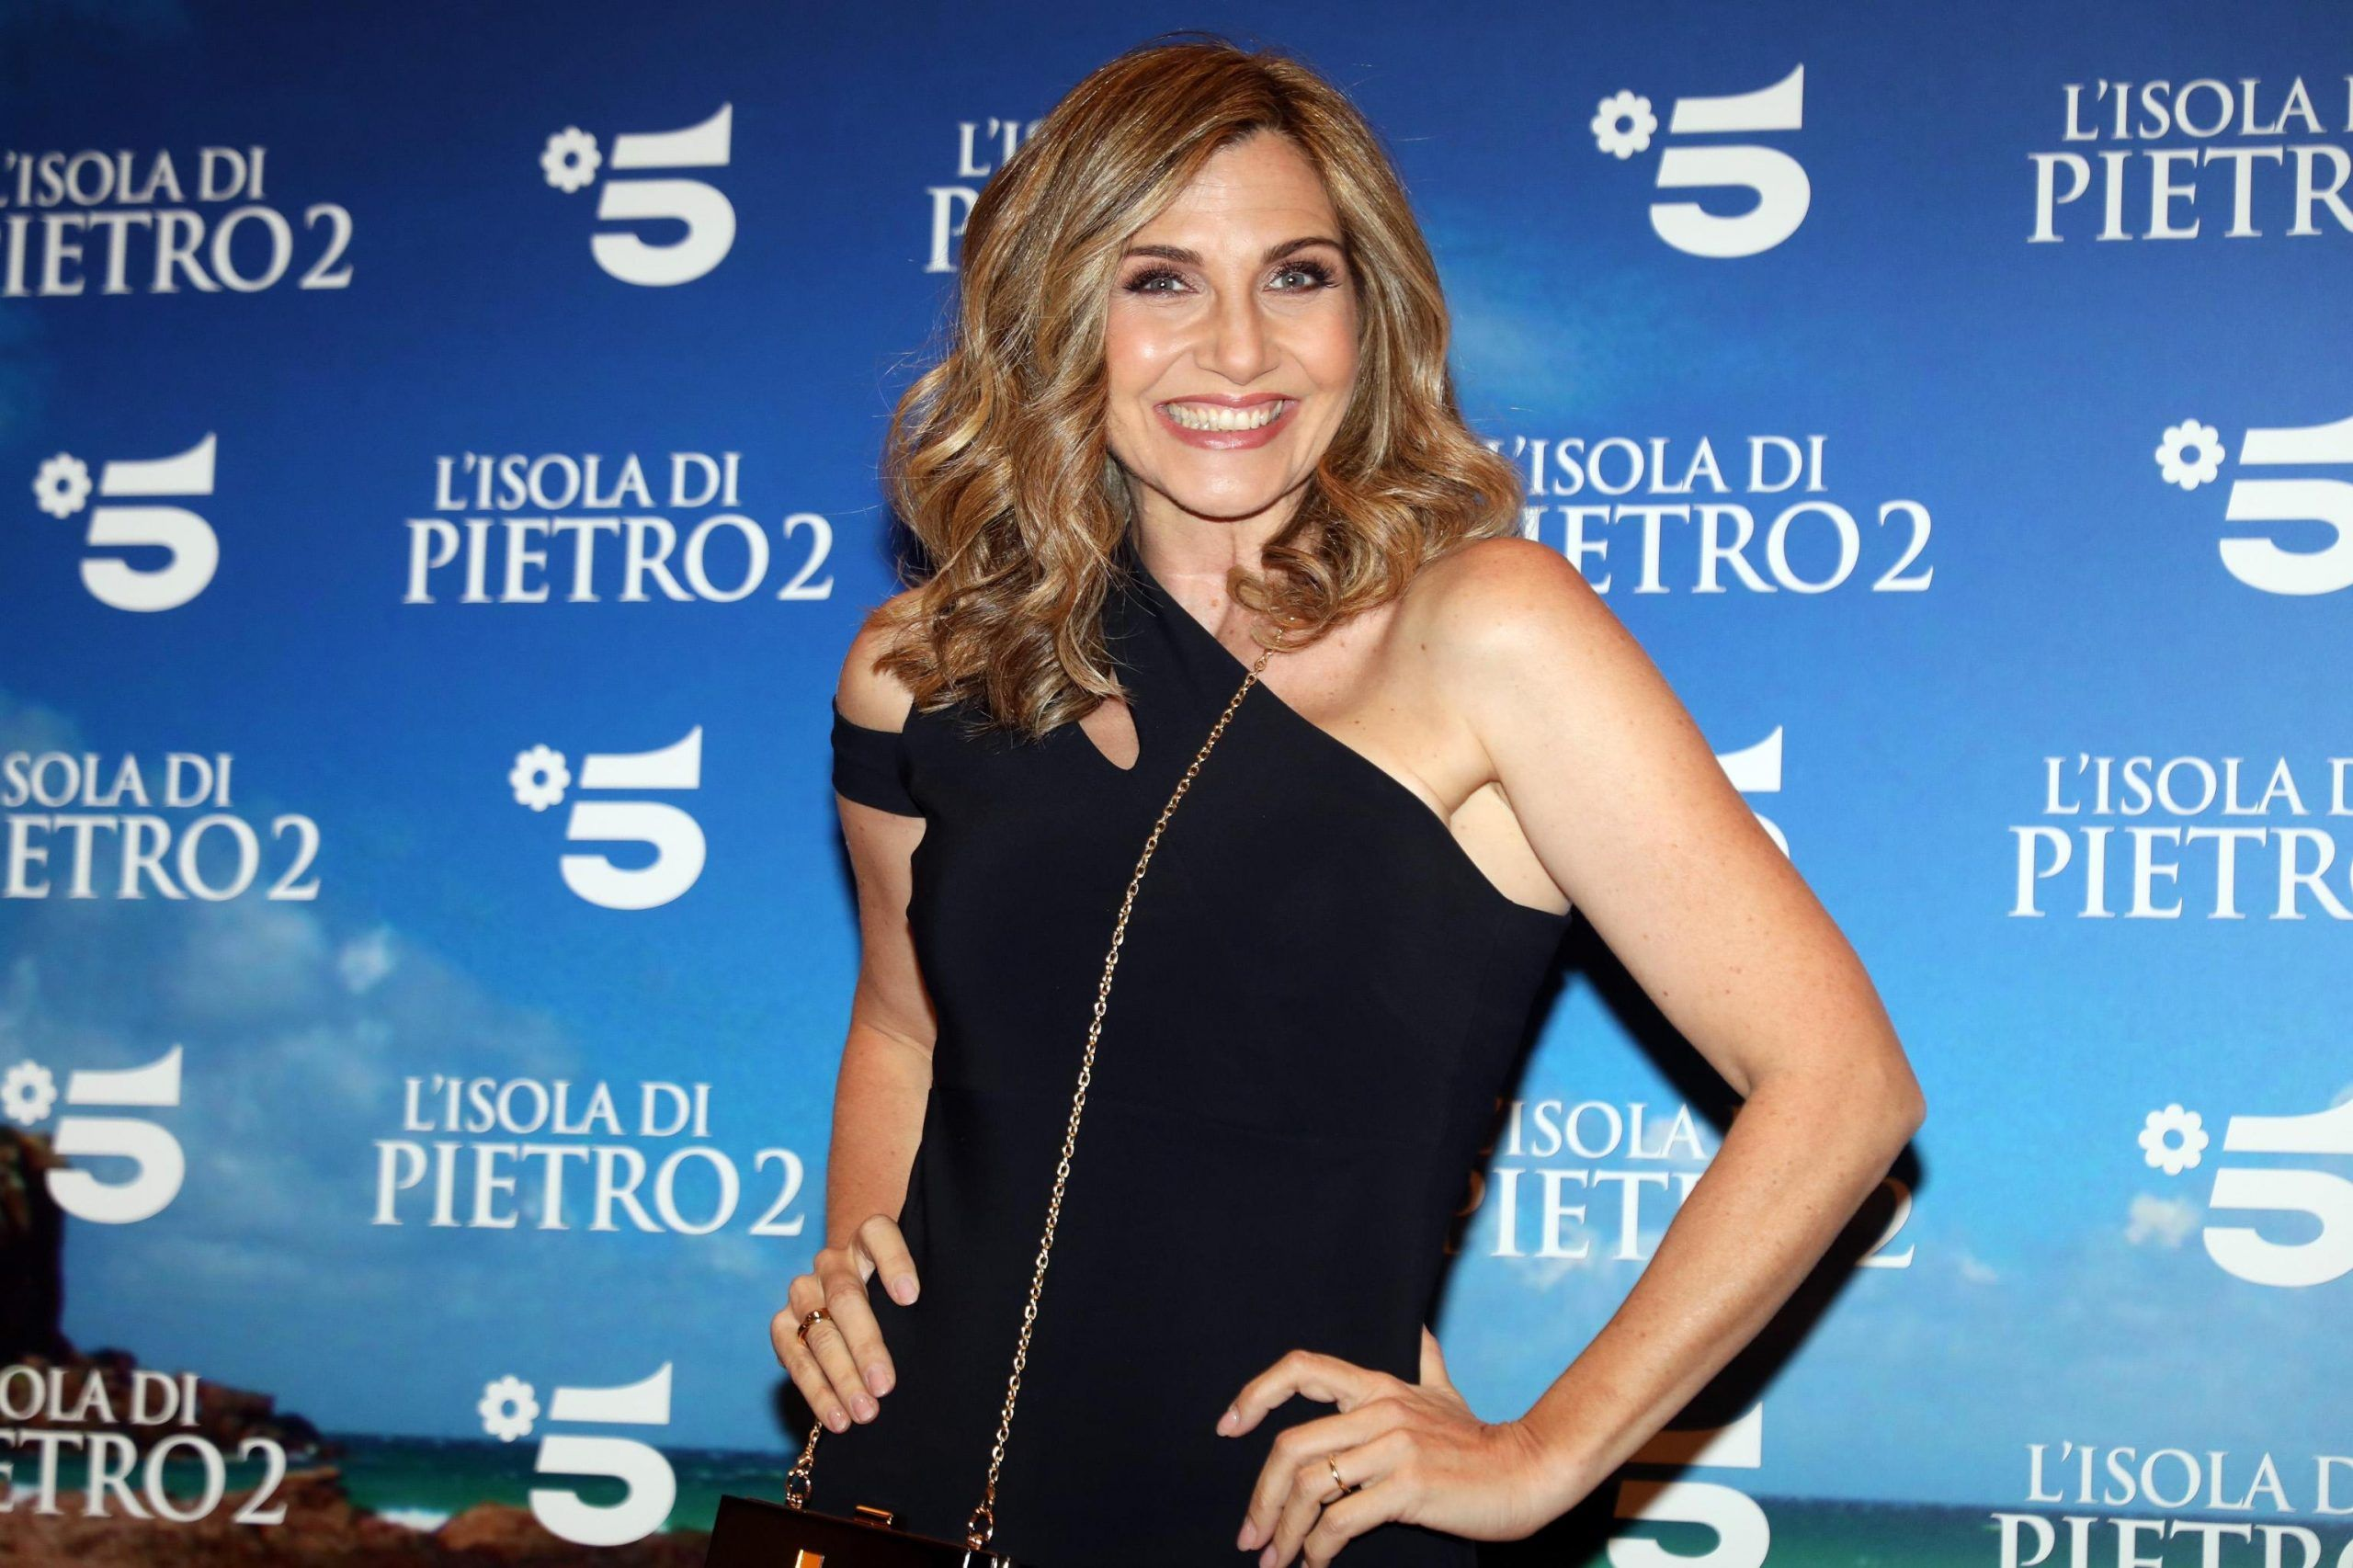 Lorella Cuccarini con uno sconosciuto, ma è un amico: il matrimonio non è a rischio